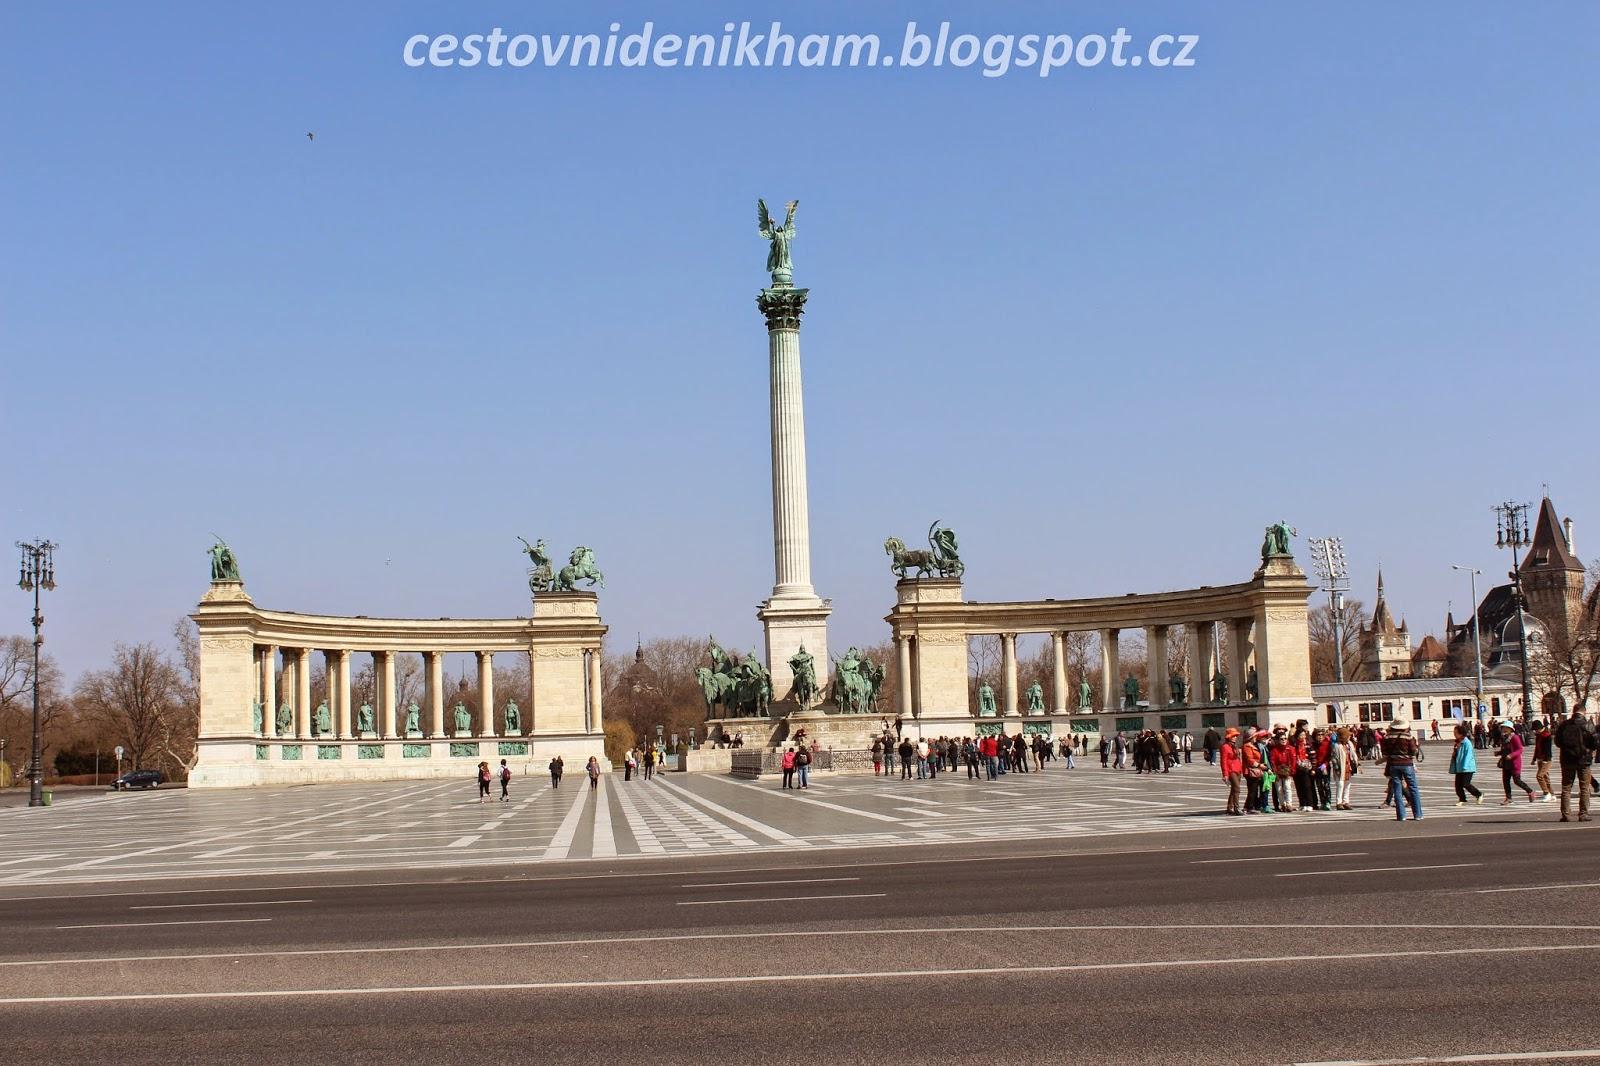 Náměstí Hrdinů // Heroes' Square